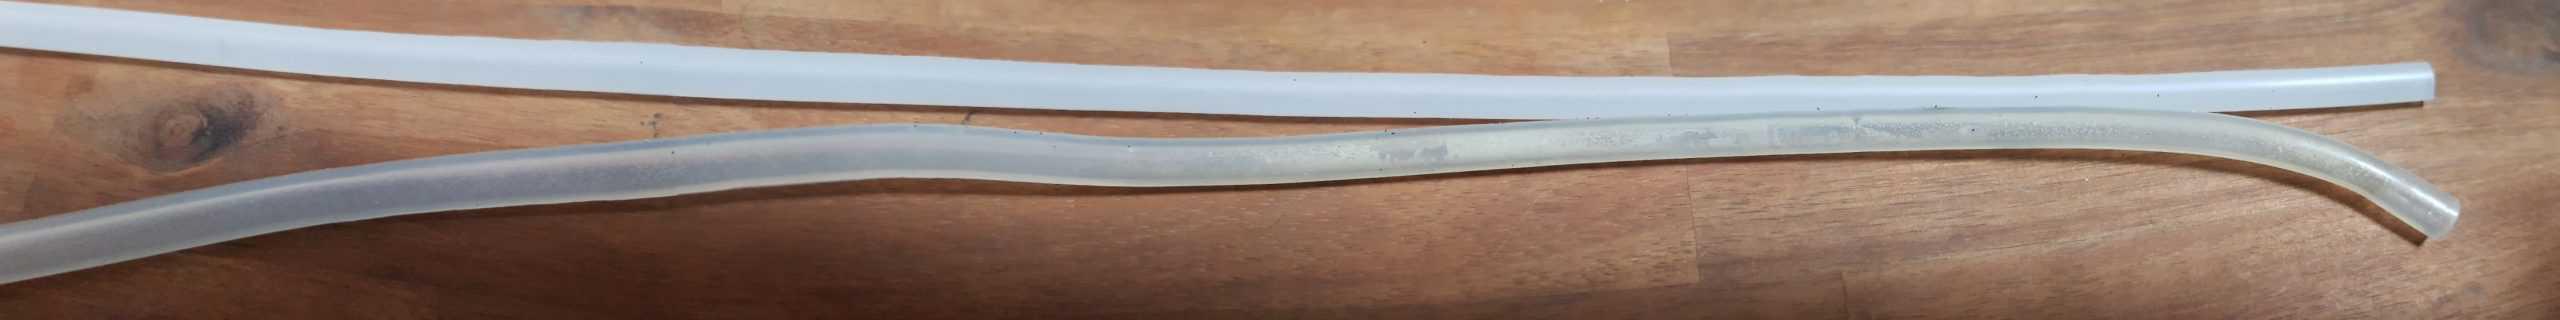 La Piccola Wasserschlauch wechseln alter schlauch